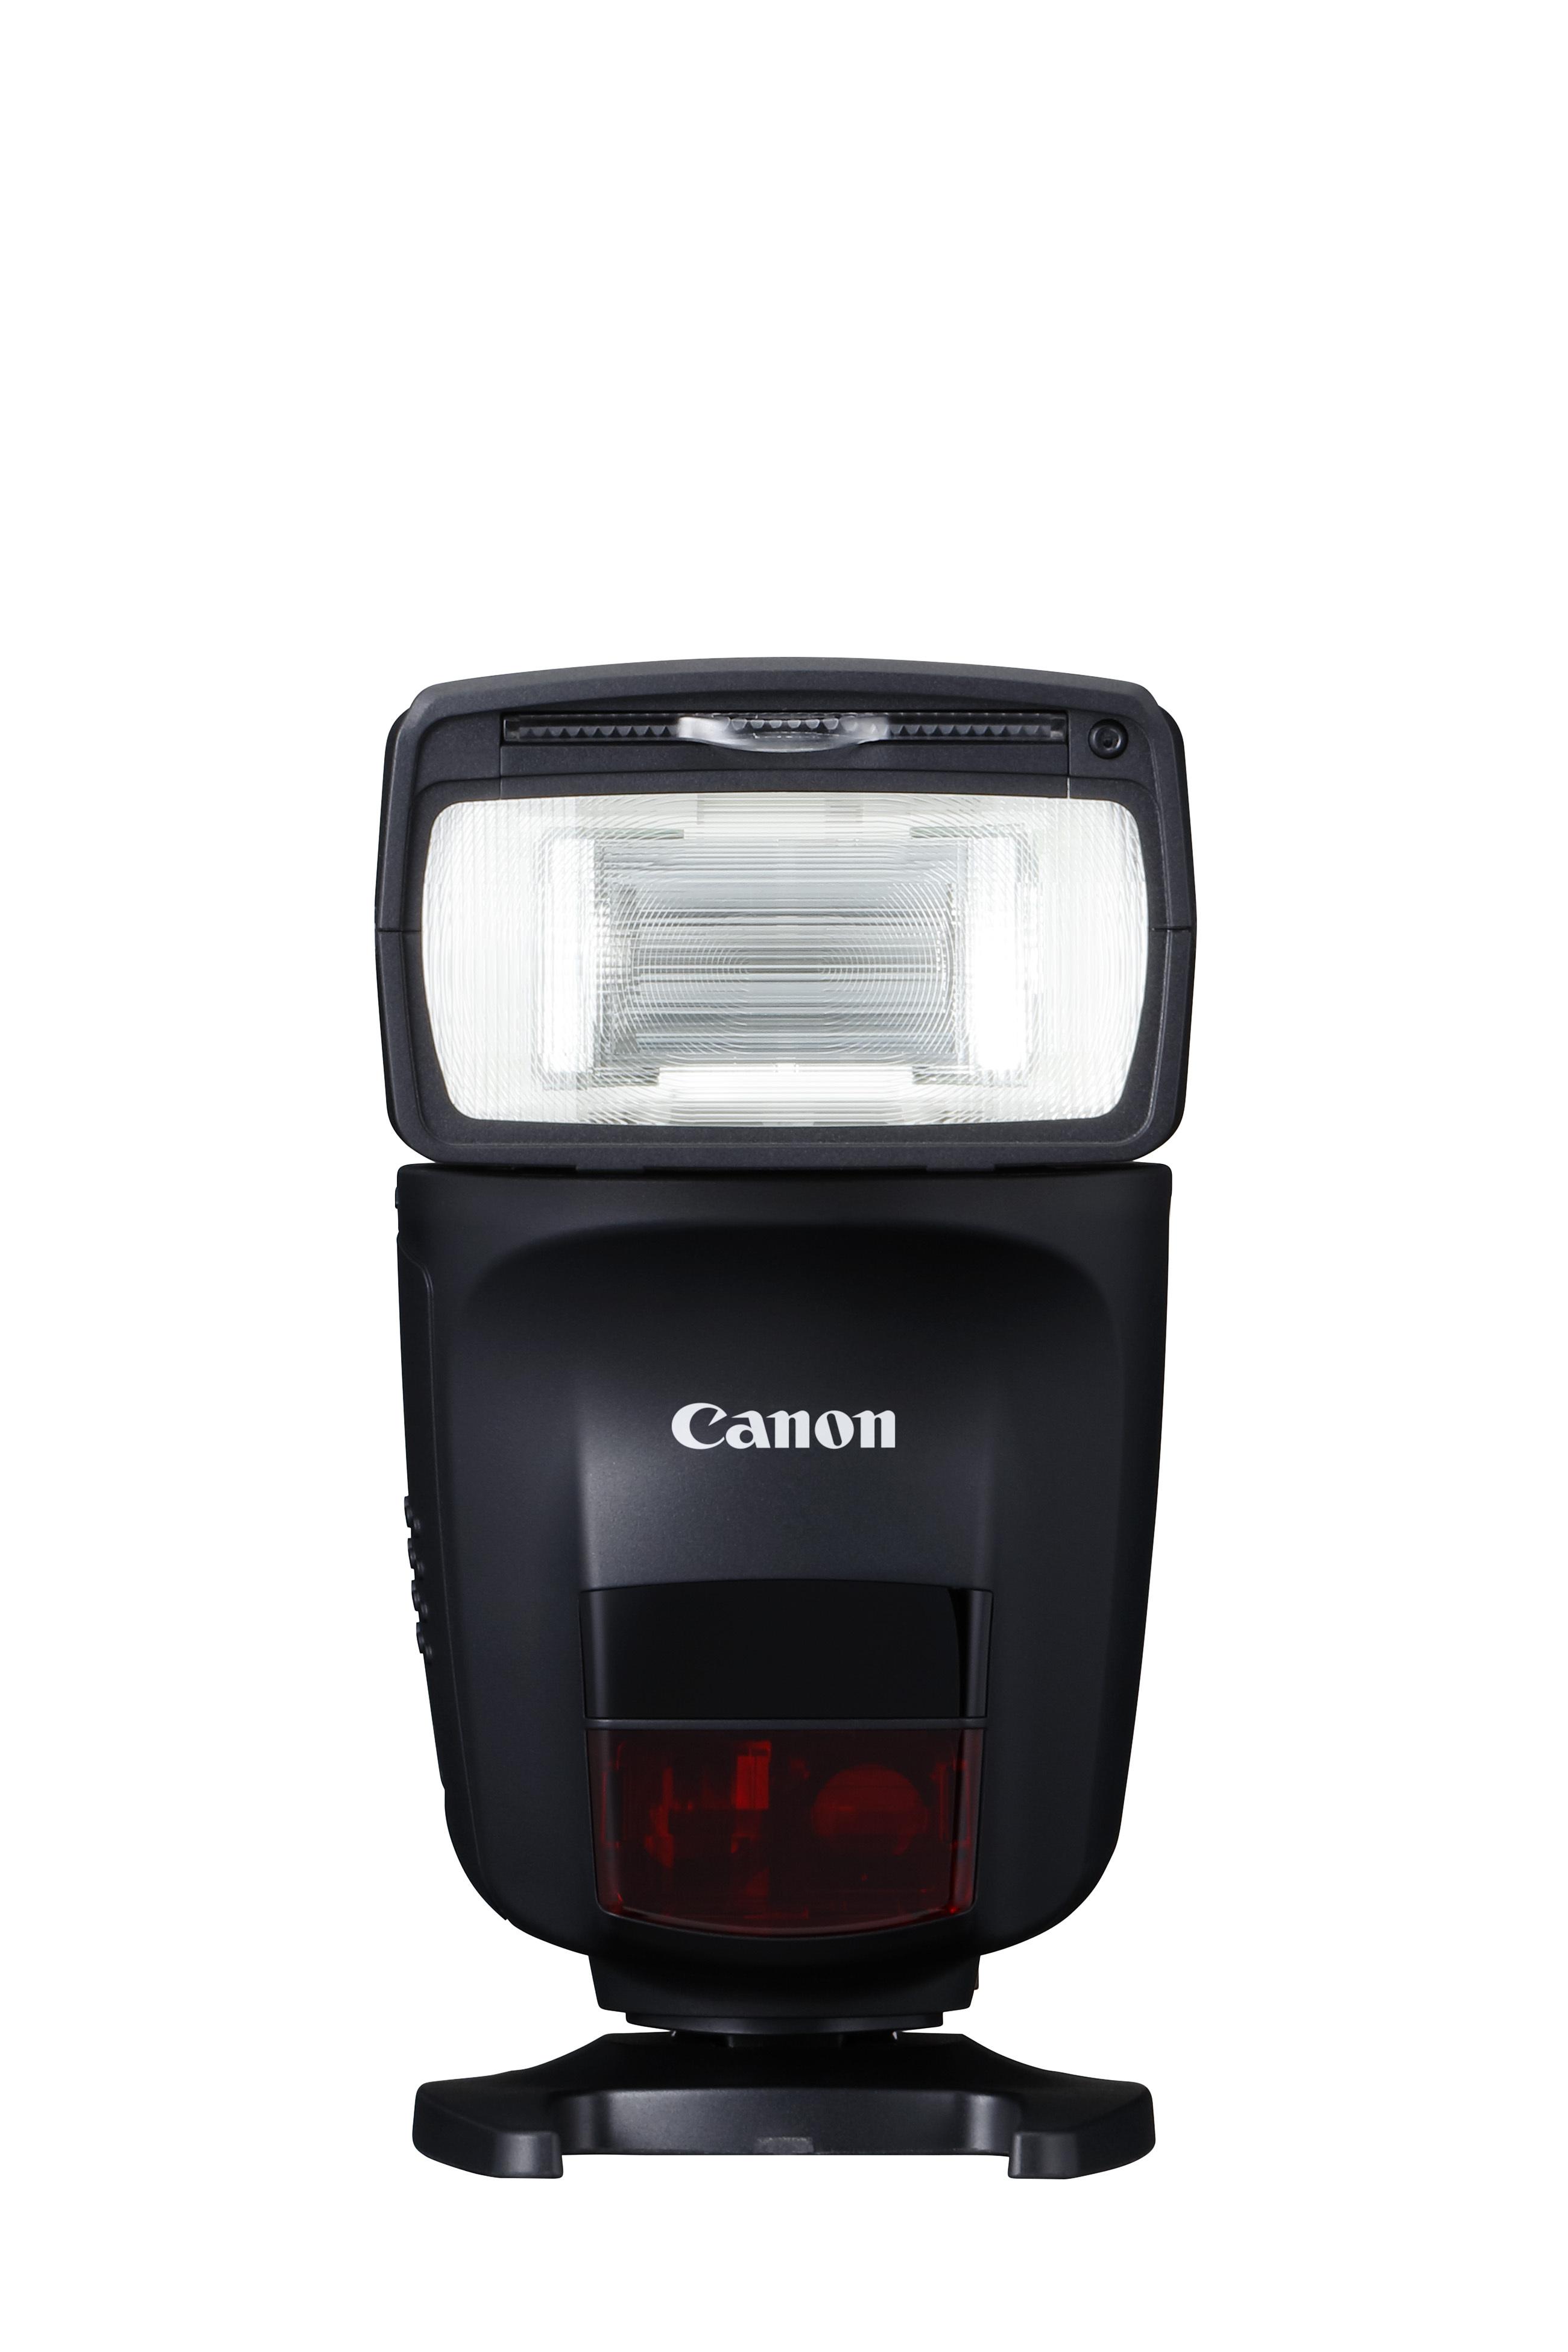 Canon Speedlite 470EX-AI: první blesk na světě sfunkcí AI Bounce, která vypočítá nejlepší natočení hlavy blesku